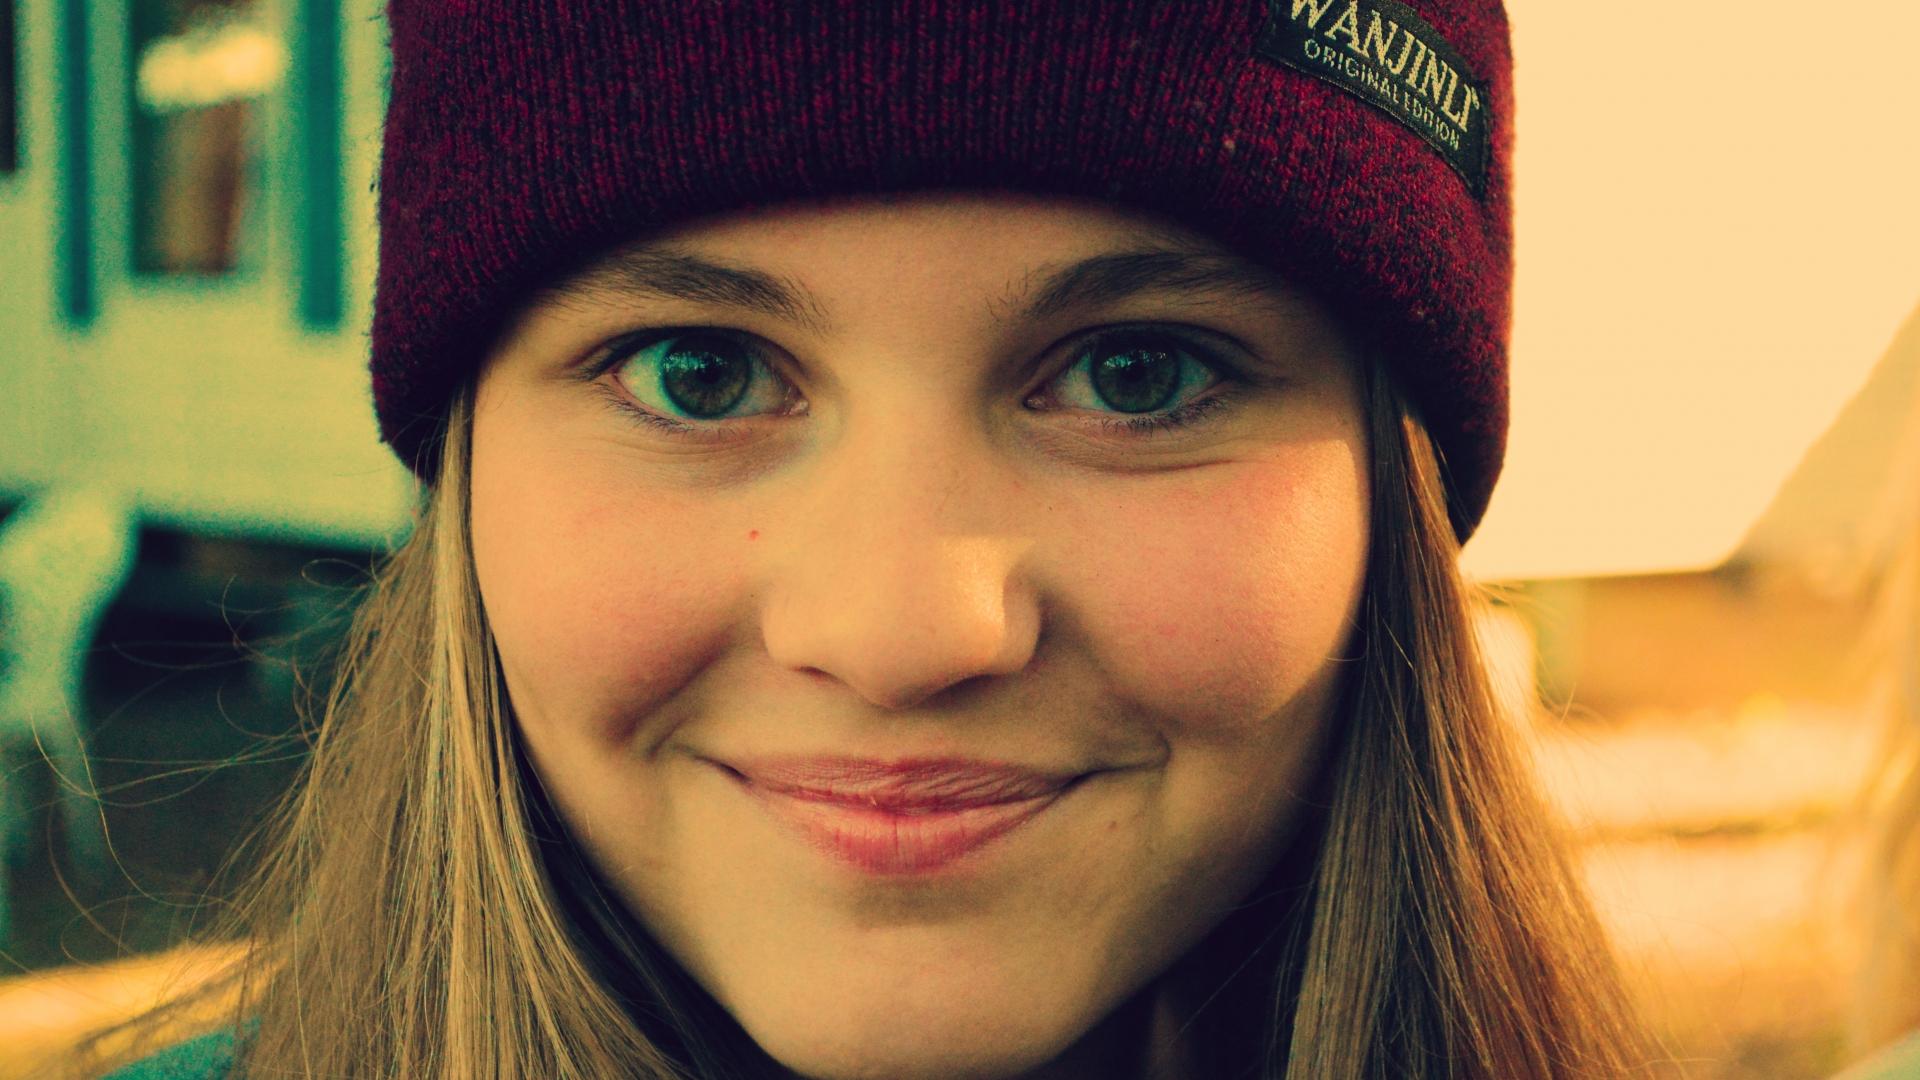 Chica sonriendo con gorra - 1920x1080